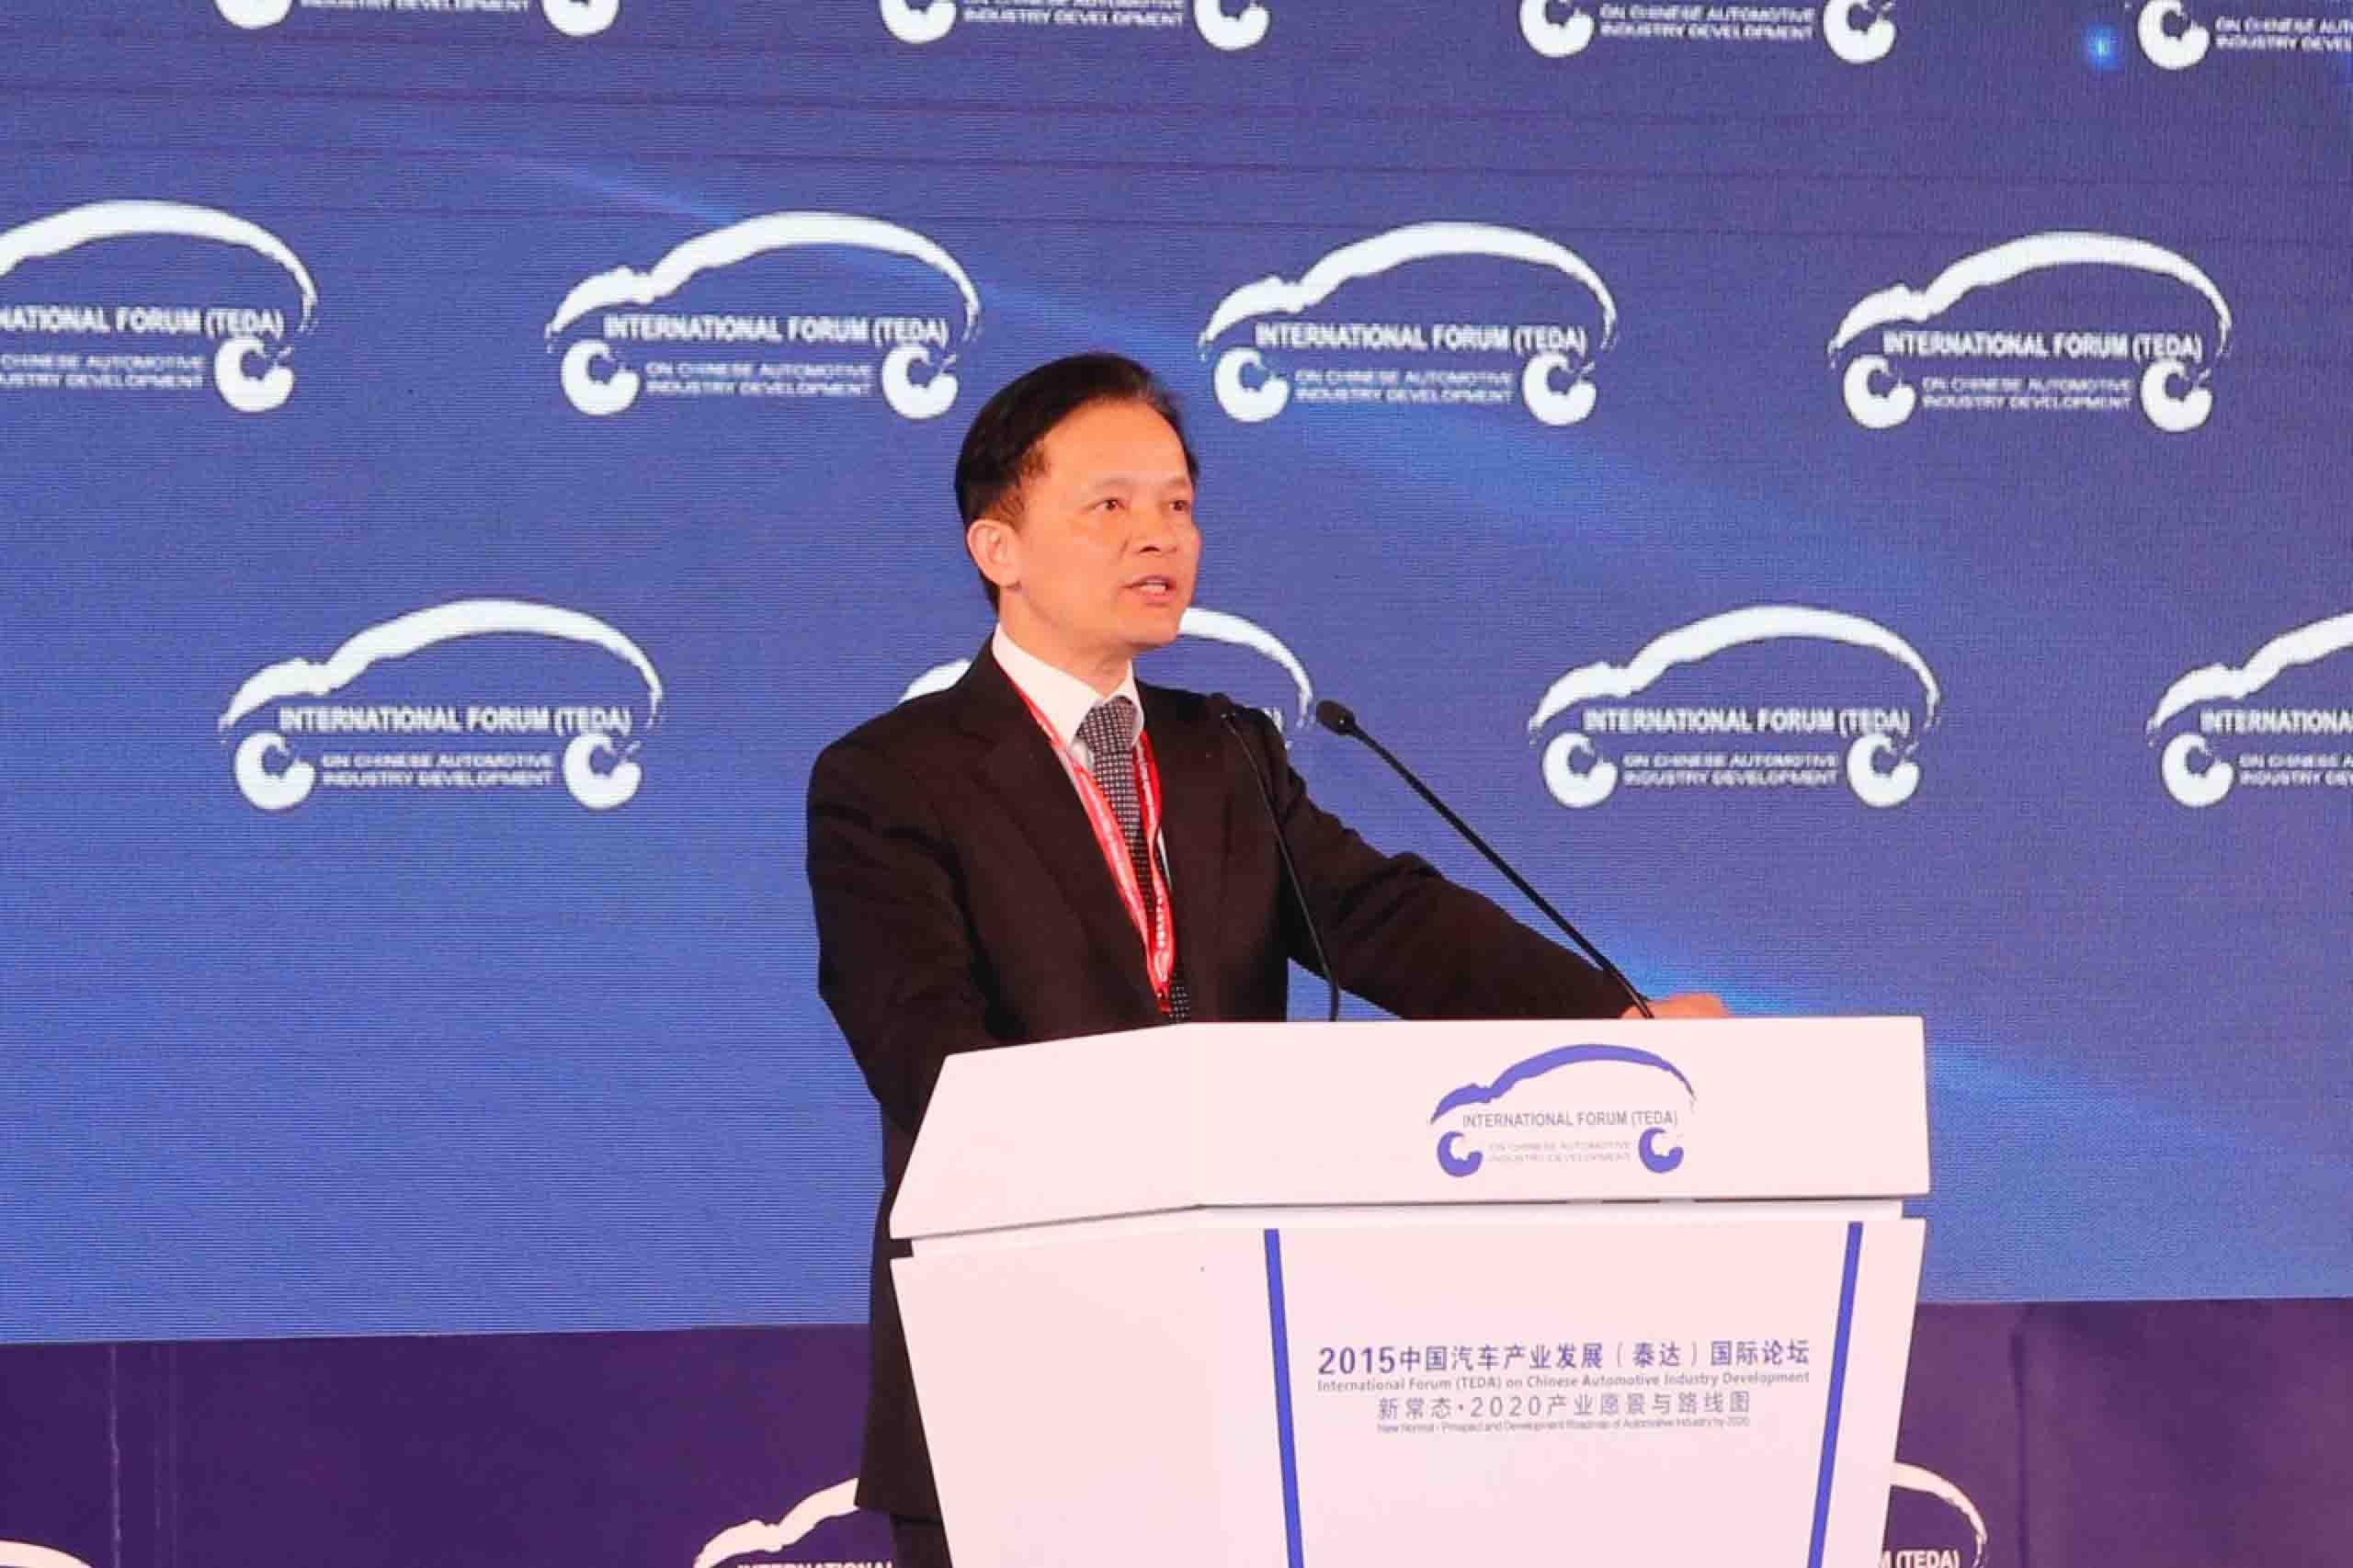 """刚刚结束的""""中国汽车产业发展国际论坛"""",围绕""""新常态·2020产业愿景与路线图""""的主题,几位来自政府部门的重量级嘉宾展开交流与讨论。   2015年,中国经济呈现了与以往不同的特征,新常态下的汽车行业正面临着深度调整与改革。国家的政策导向和产业战略发展方向显得尤为重要。  中国工程院院士、党组成员、秘书长钟志华   """"我国的制造业增加值已经占到了全球的20%,应该是名副其实的制造大国。但是,大而不强,主要原因体现在几个方面。首先"""